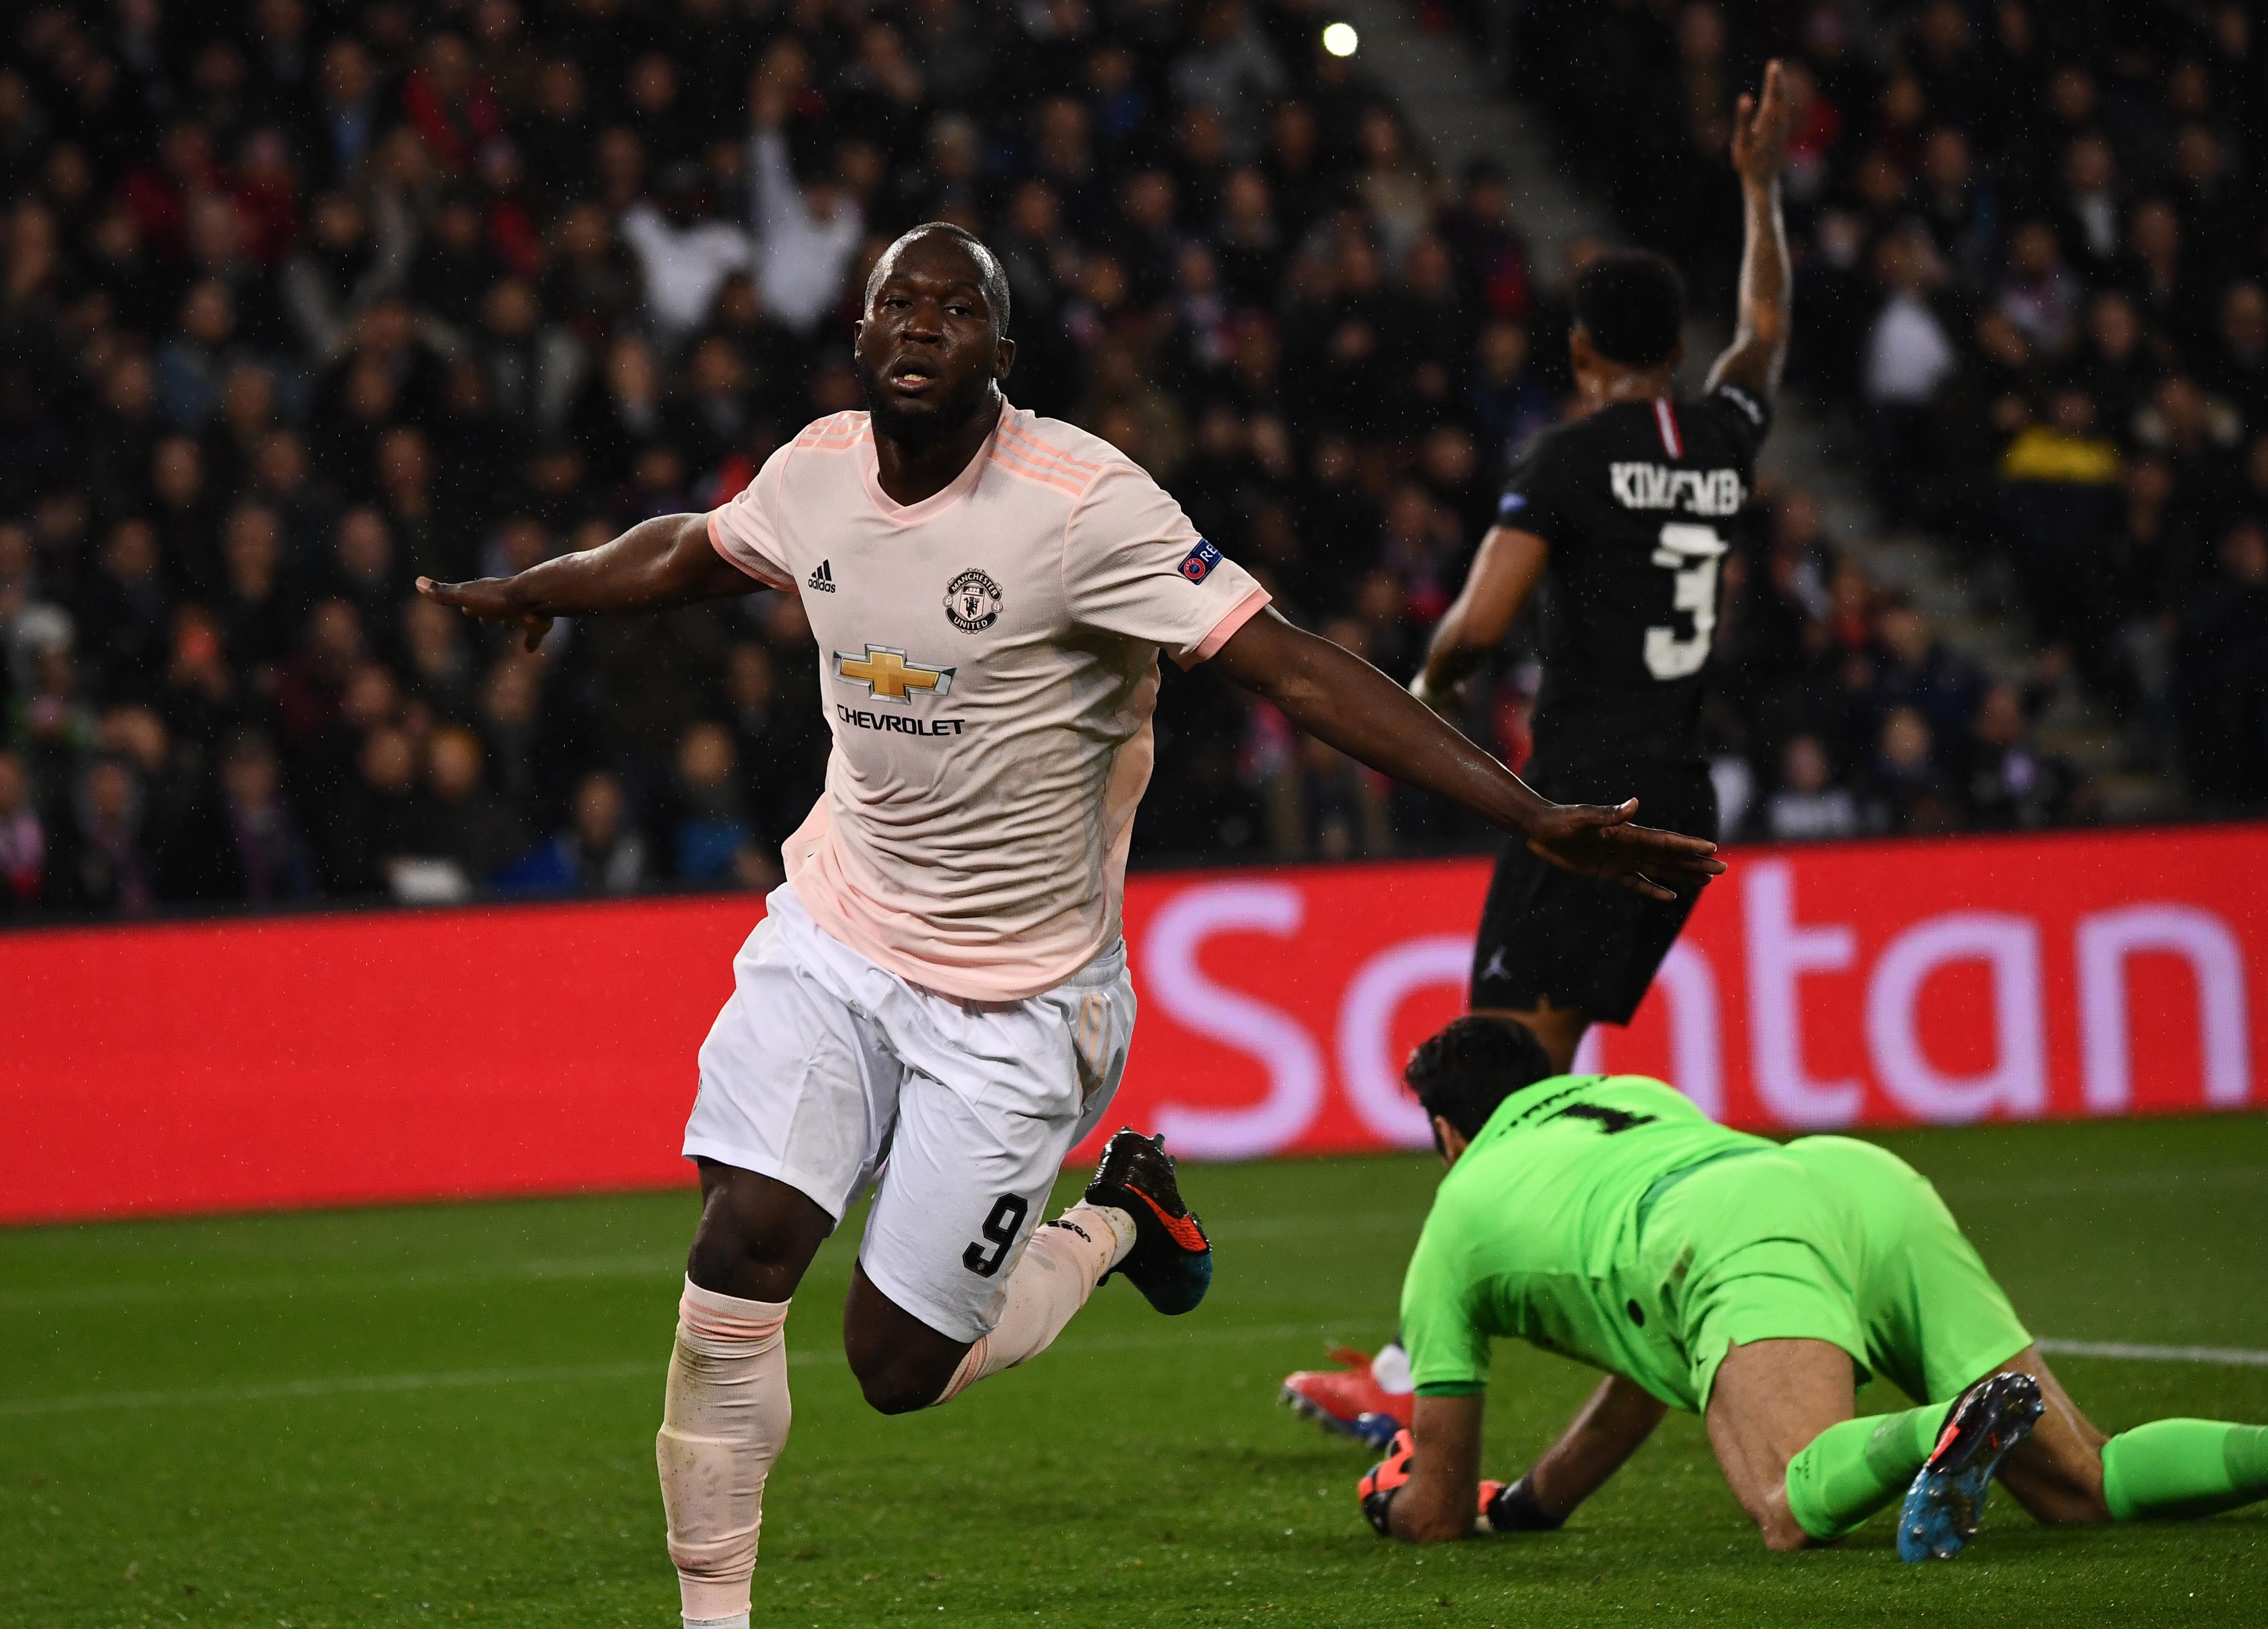 Barcelona - Manchester United negyeddöntő lesz a Bajnokok Ligájában